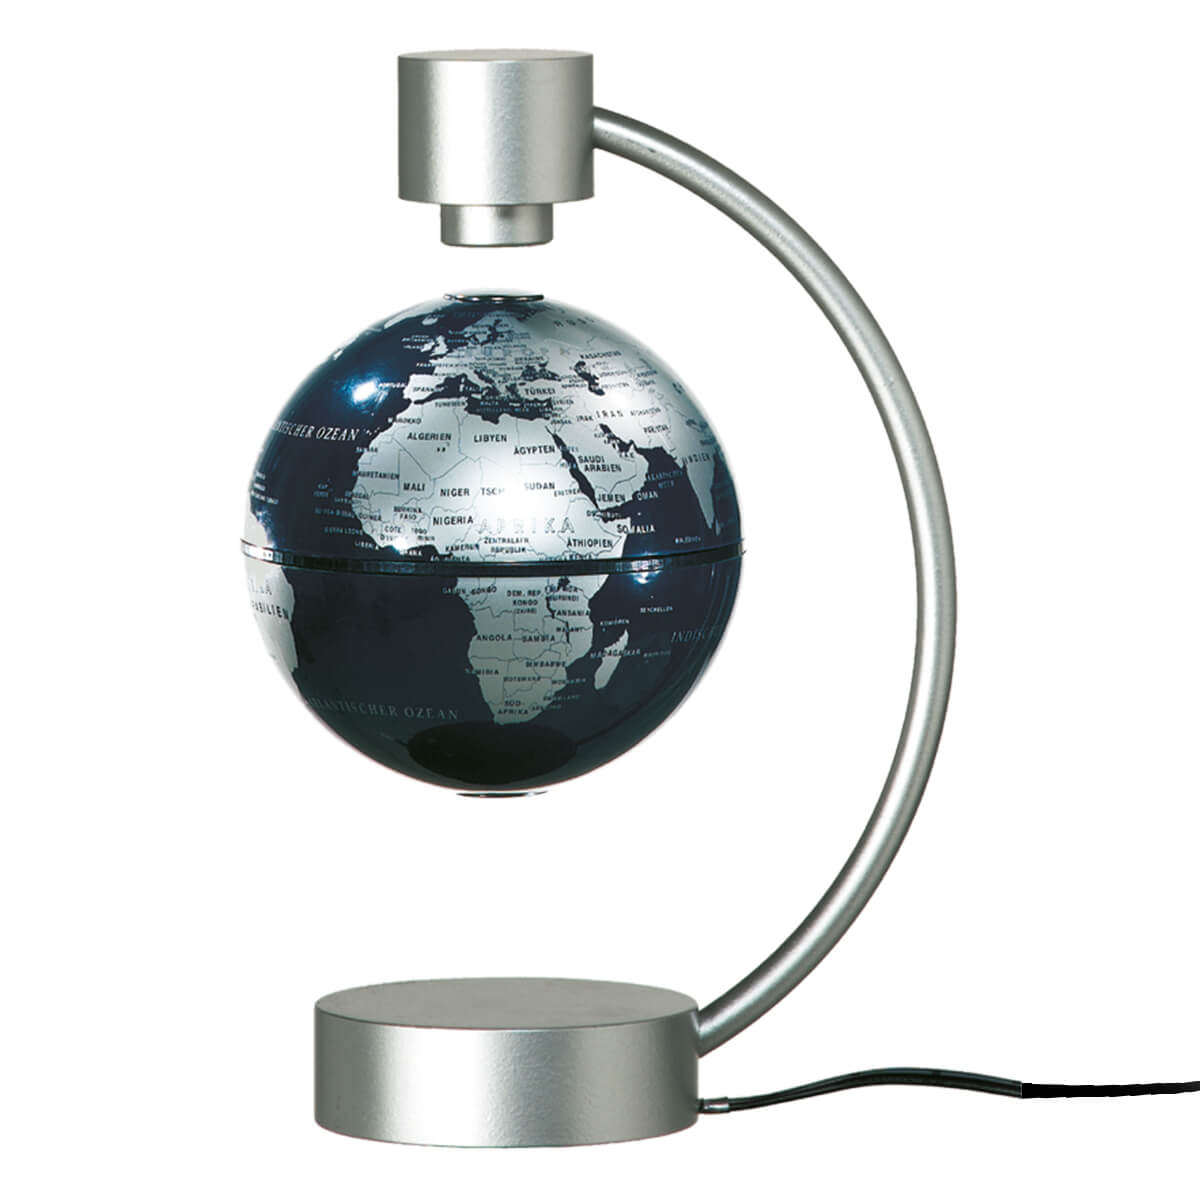 STIEFEL Magnetický glóbus modro-strieborný s anglickými názvami